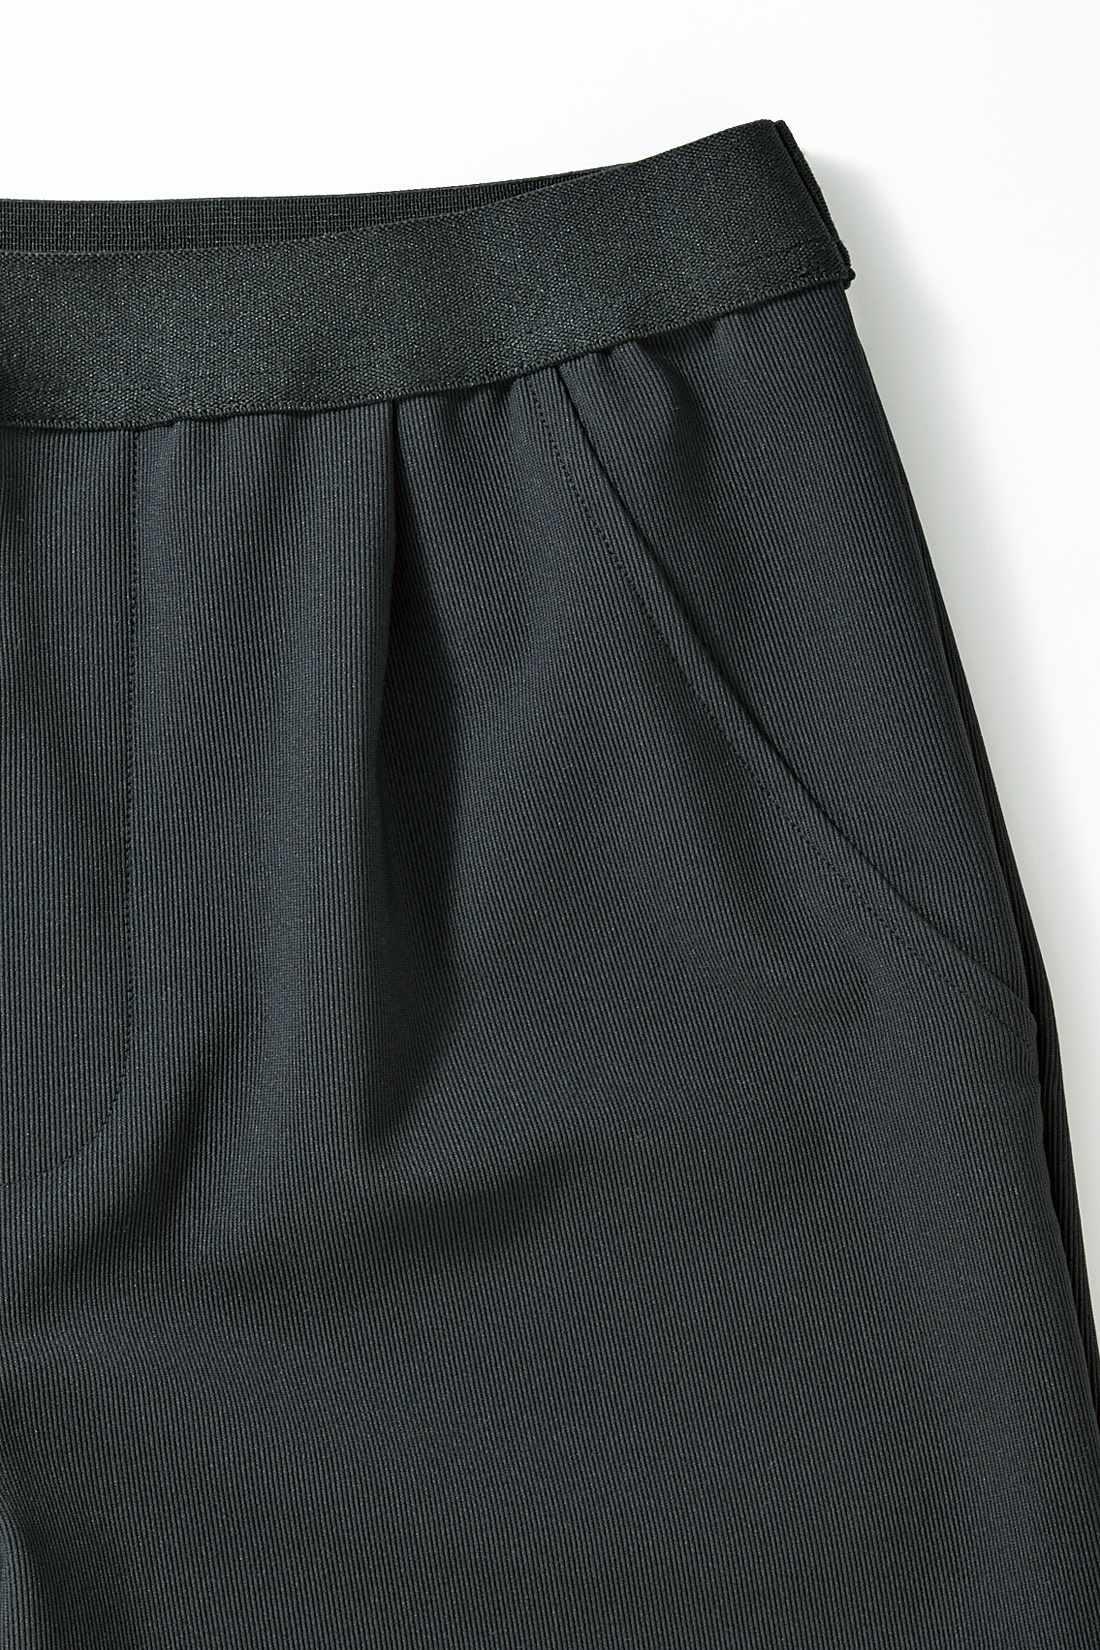 【ボトムス】サイドのポケットはダミー。 ※お届けするカラーとは異なります